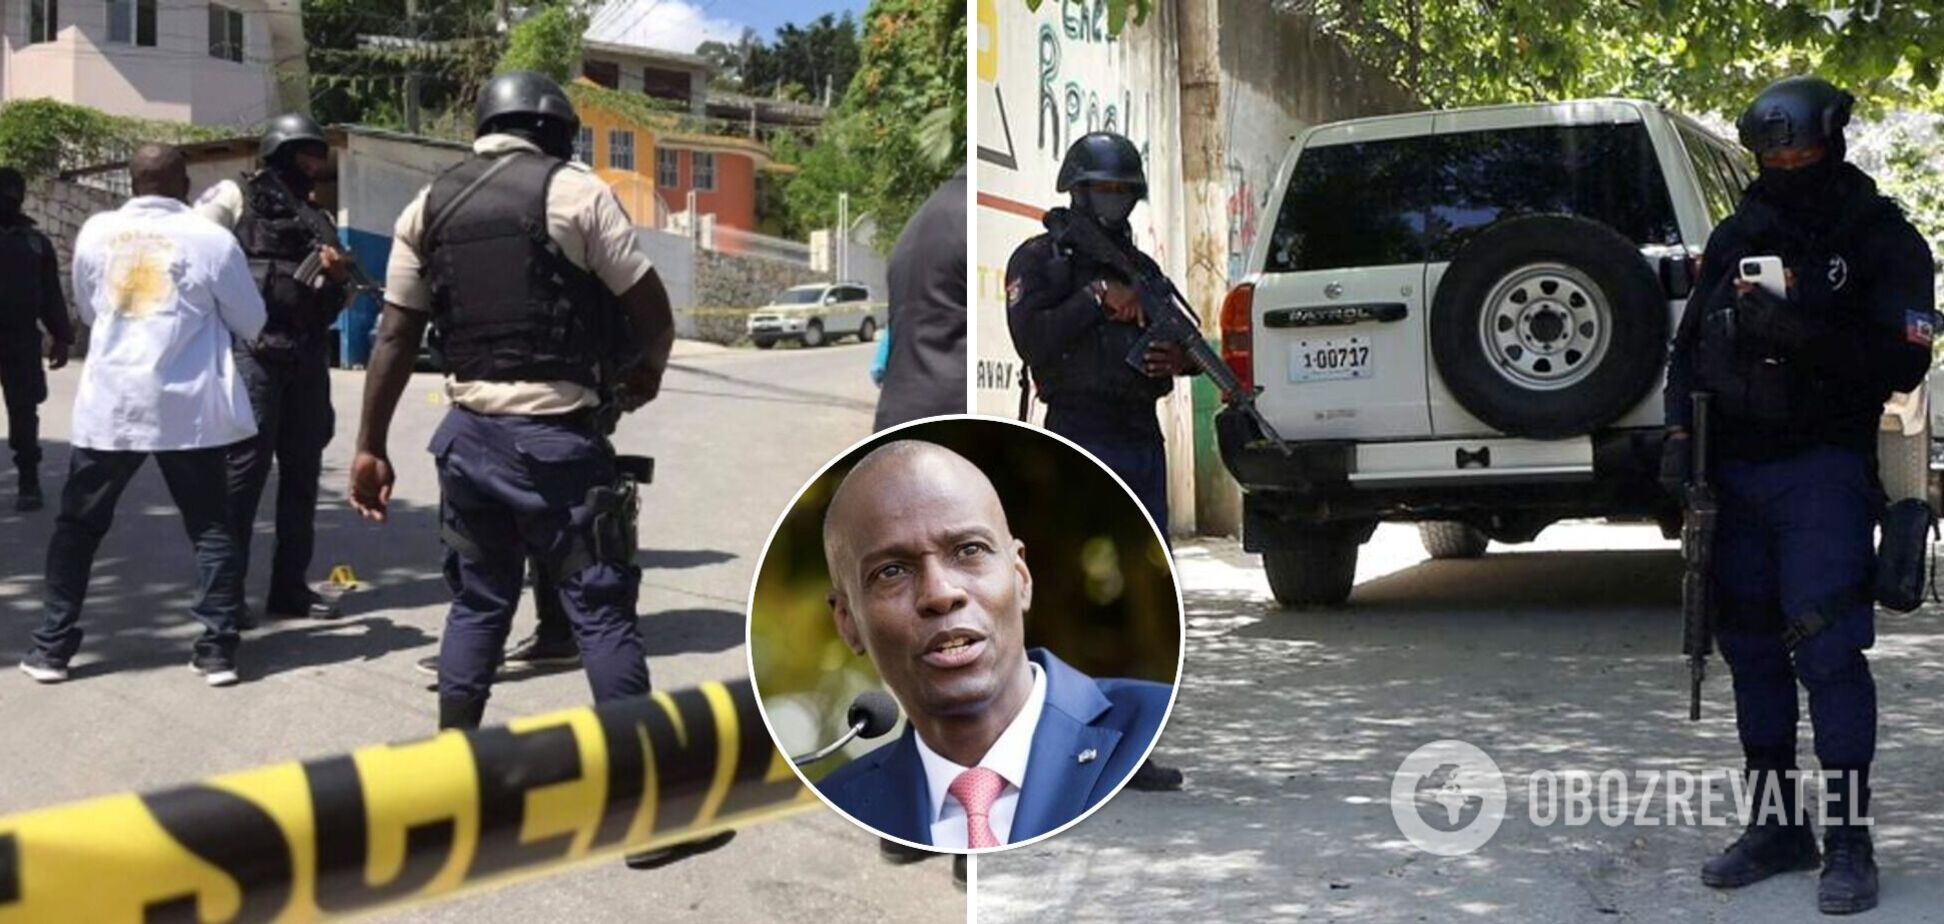 Убийство президента Гаити: четырех человек ликвидировали, шестерых задержали